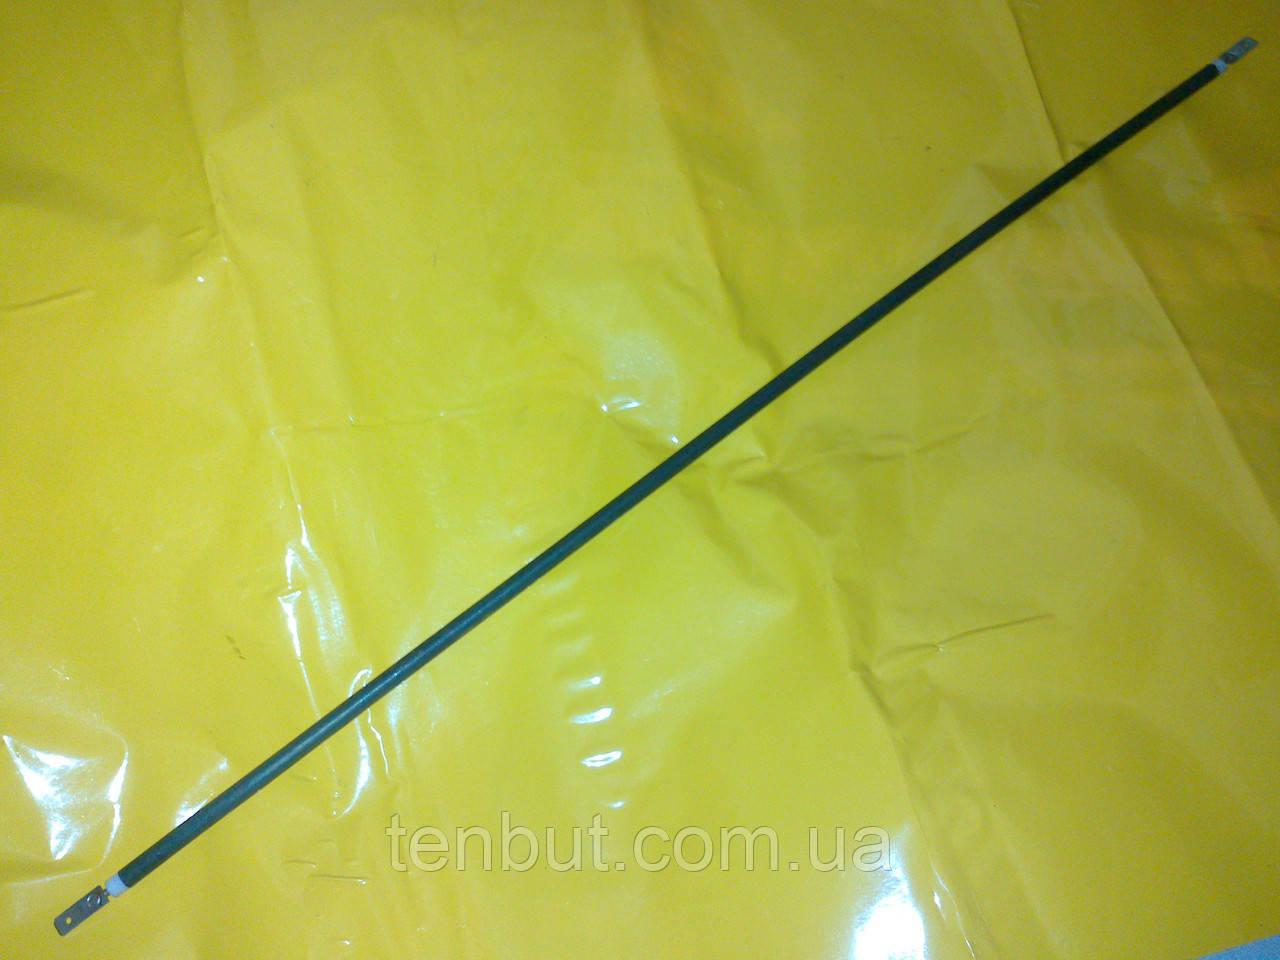 Гибкий воздушный тэн Ф-6 мм./ L-200 см./ 2,2 кВт. производство Турция Sanal